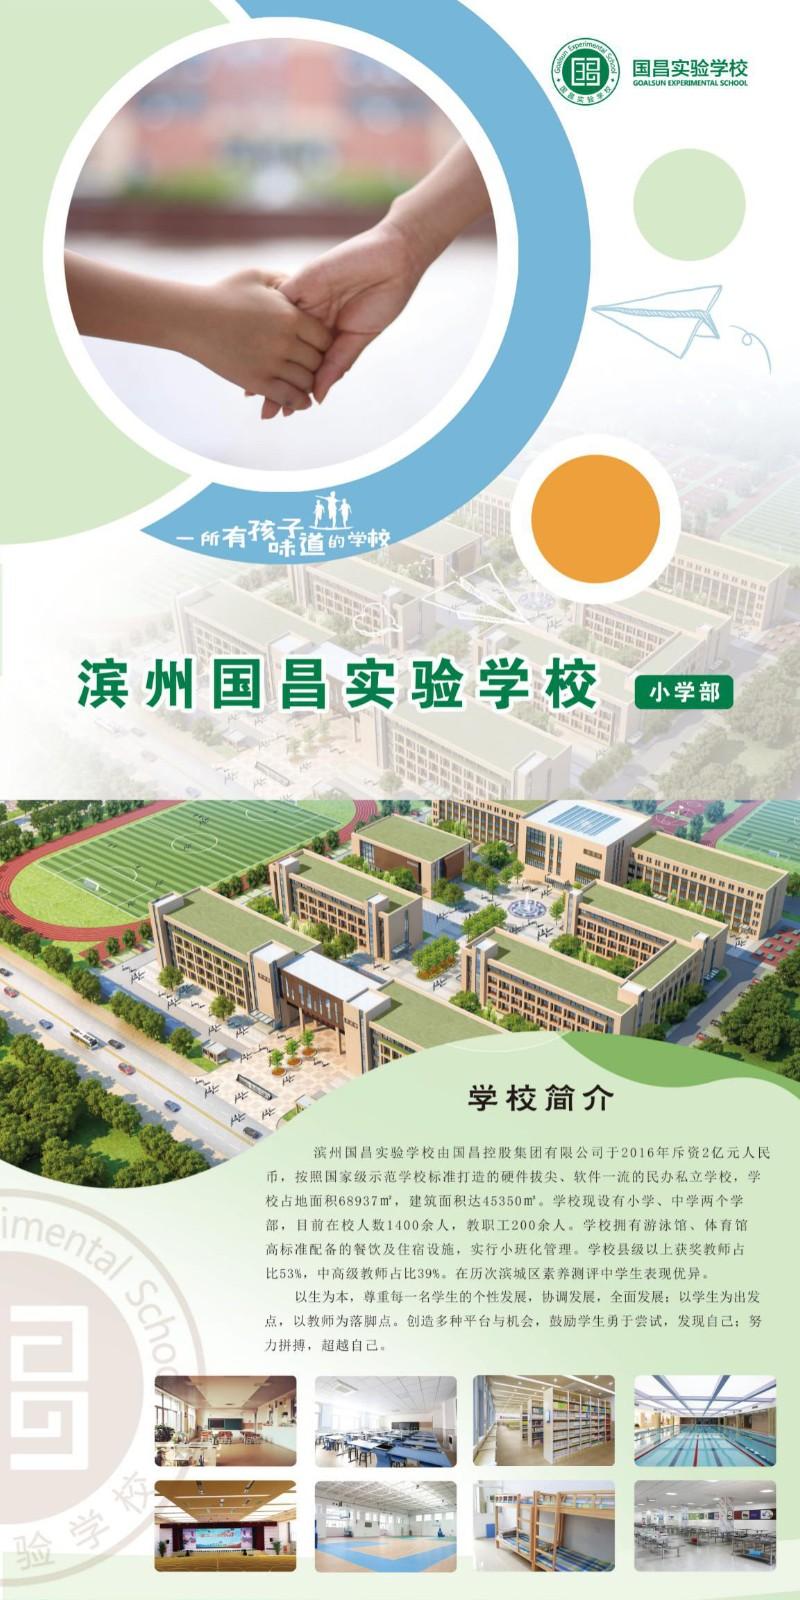 滨州国昌实验学校小学部招生简章